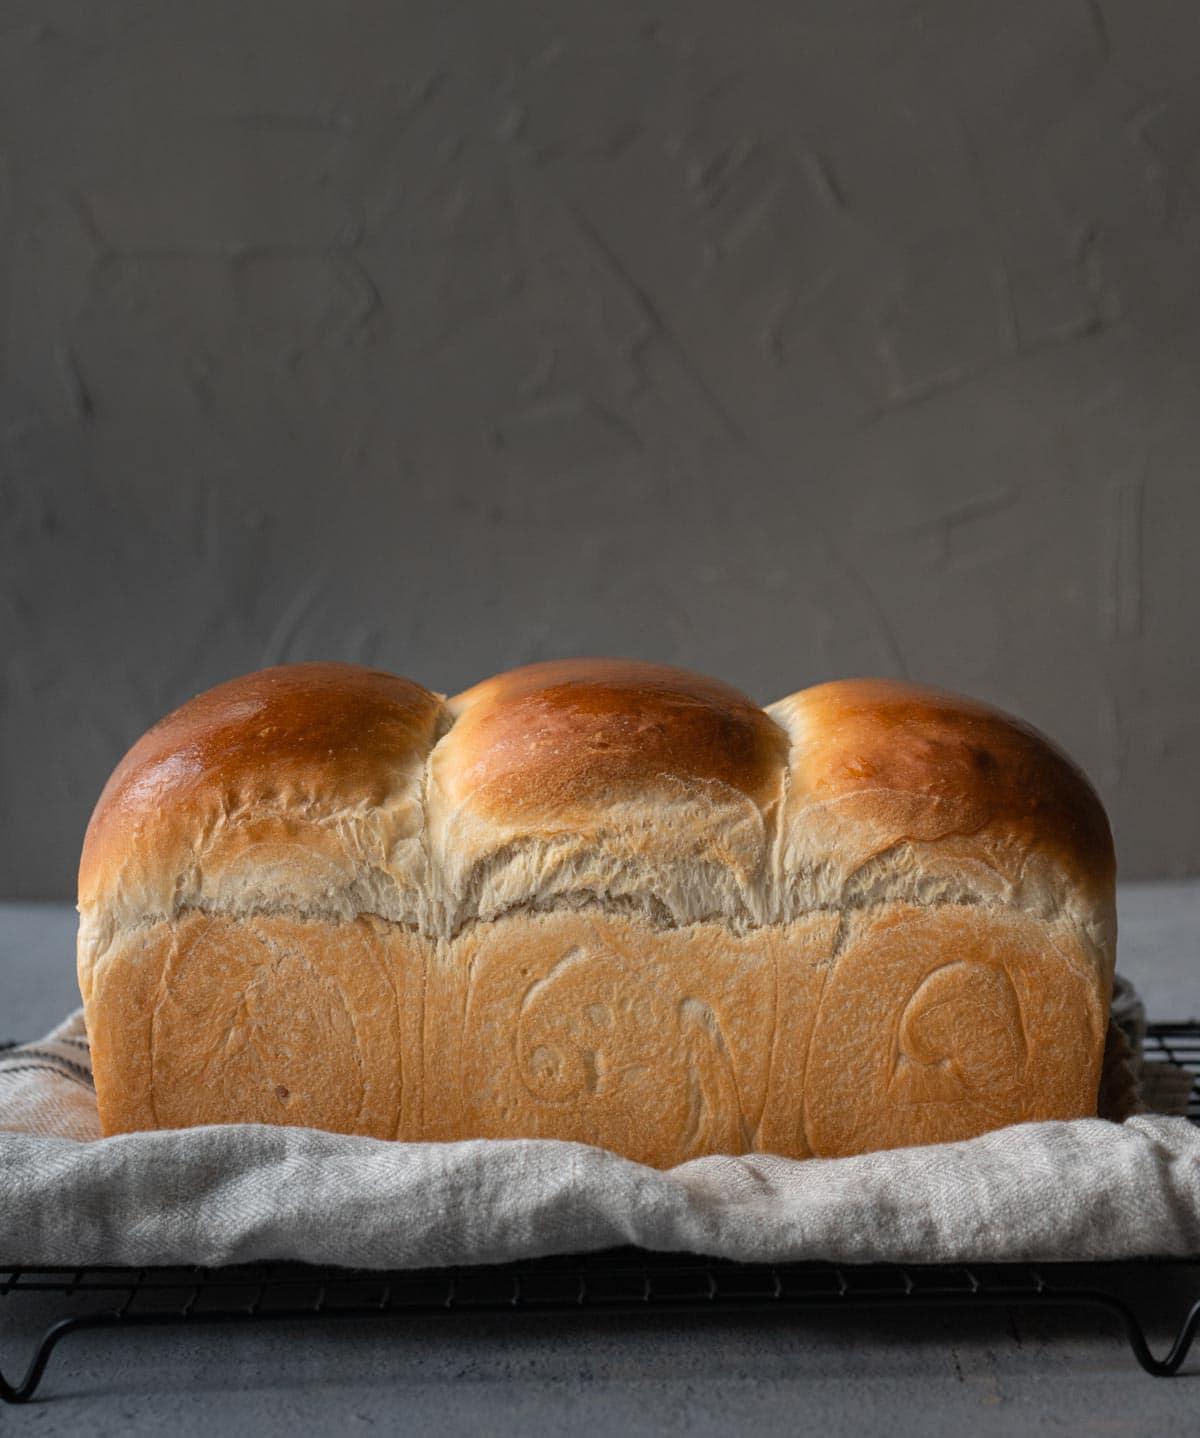 Milk bread loaf on a cooling rack.